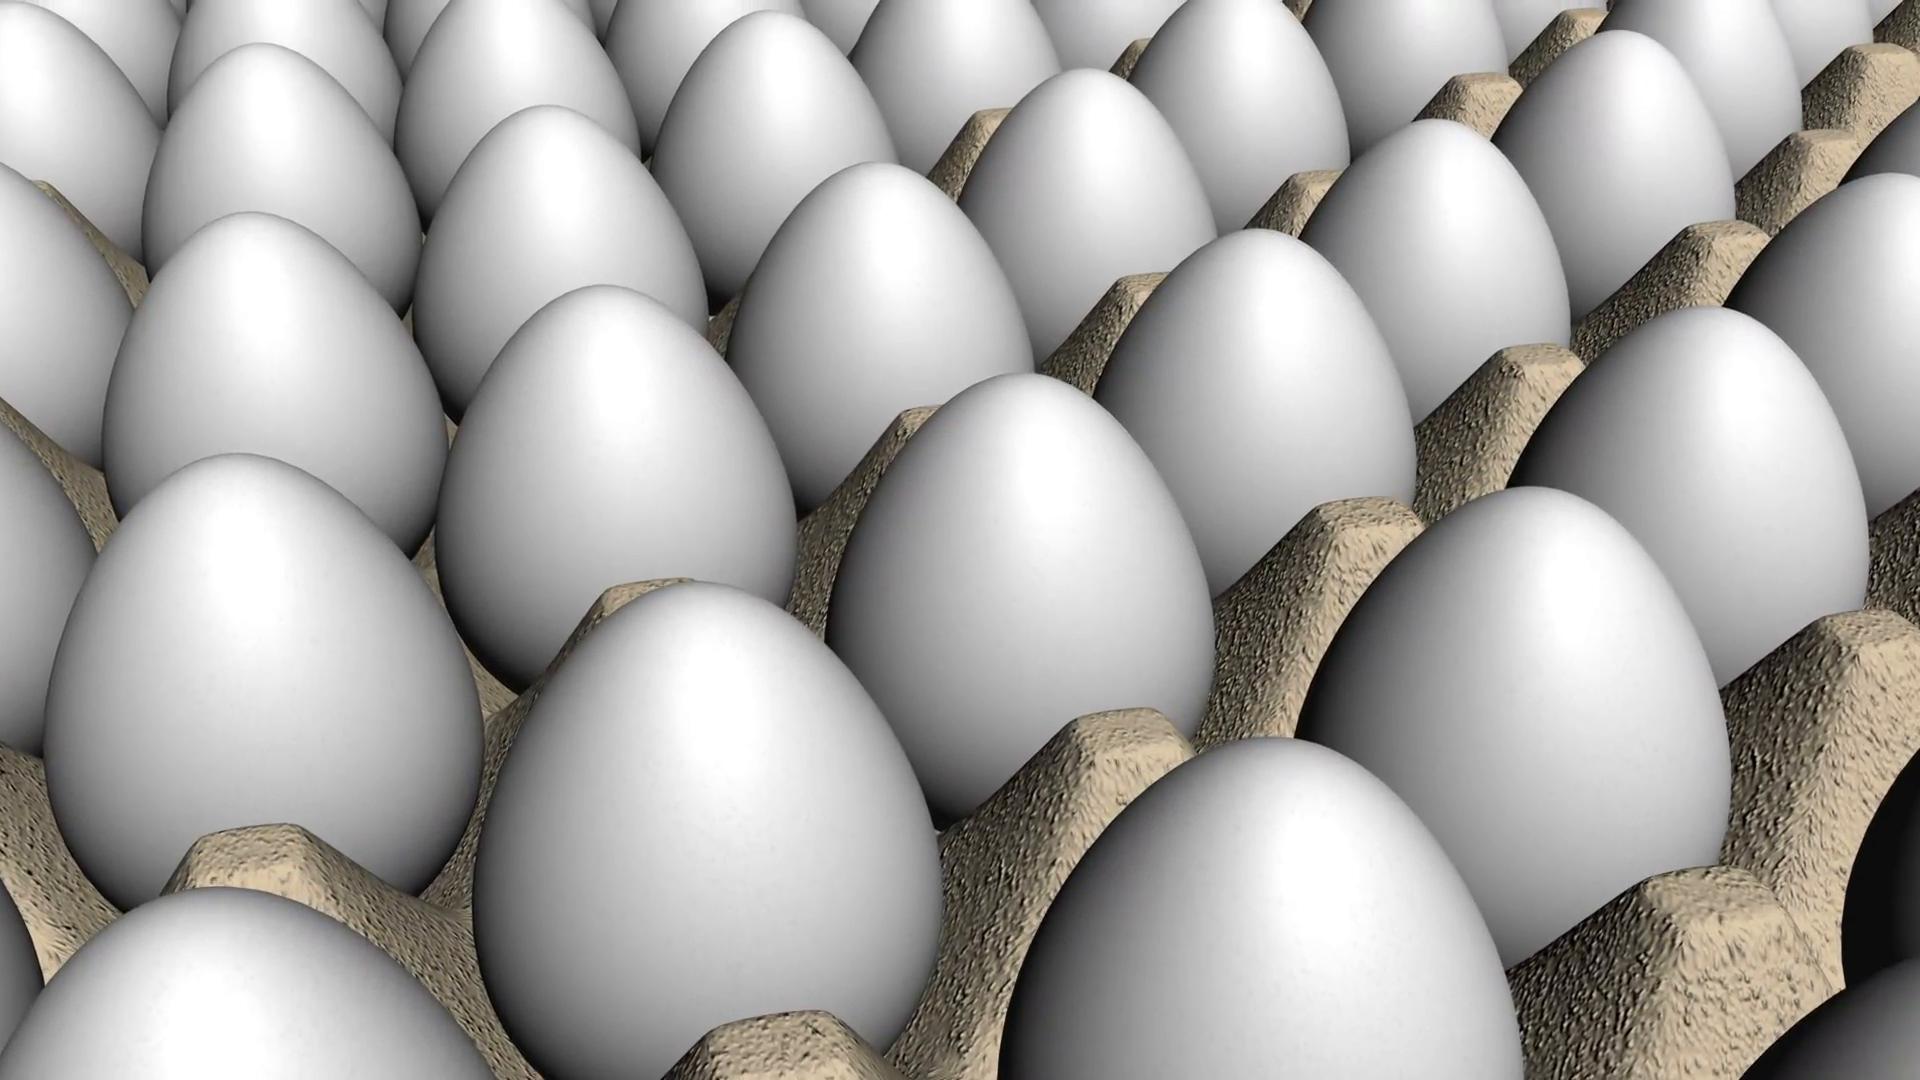 Egg HD PNG - 94566